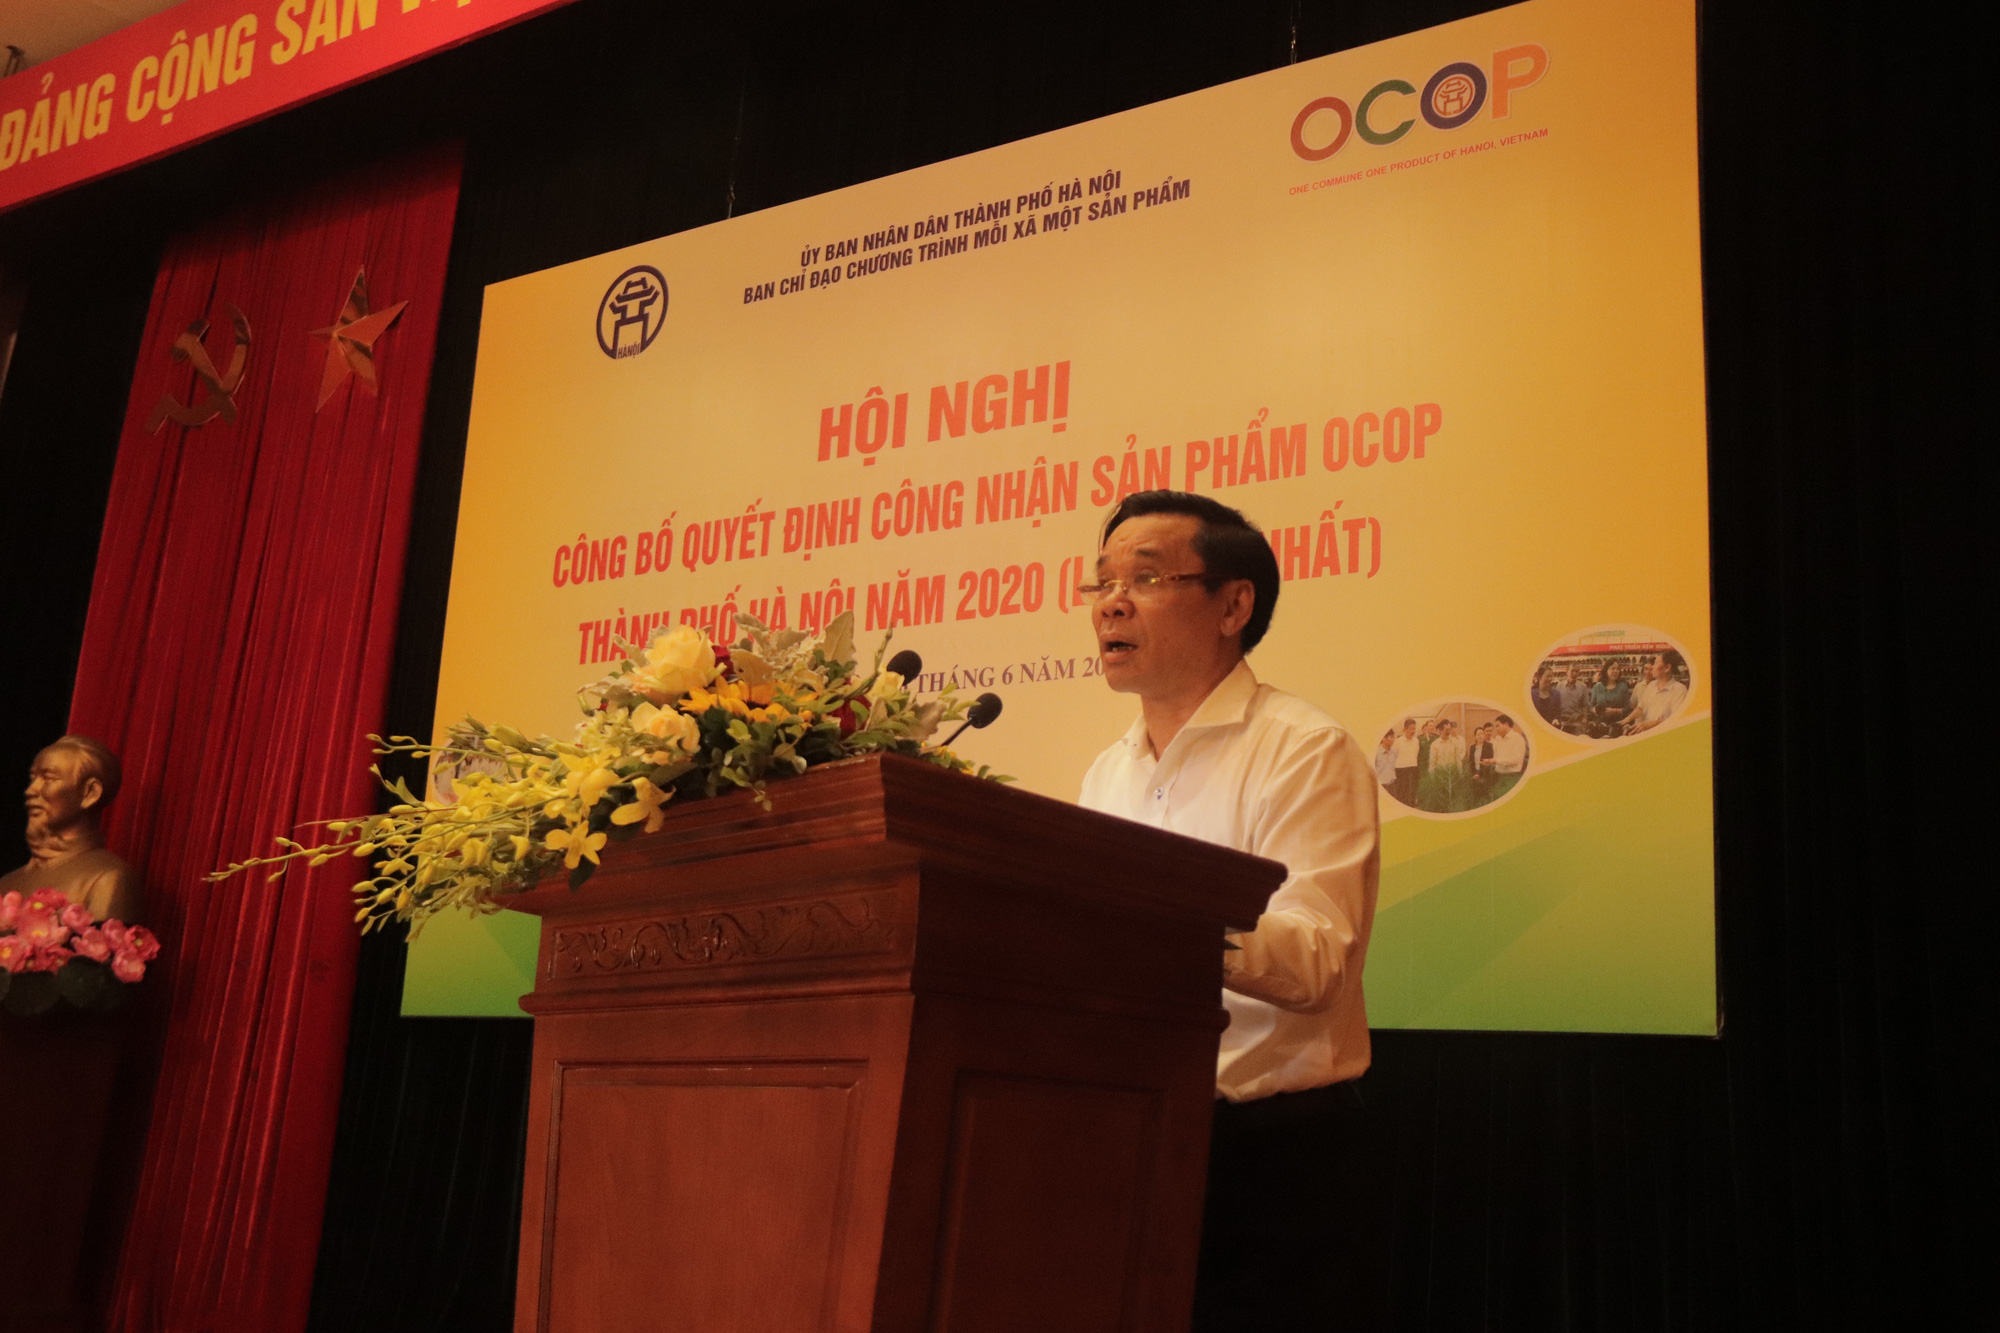 Hà Nội: Quyết định công nhận 301 sản phẩm đạt sao OCOP, cơ hội thúc đẩy tiêu thụ sản phẩm - Ảnh 2.